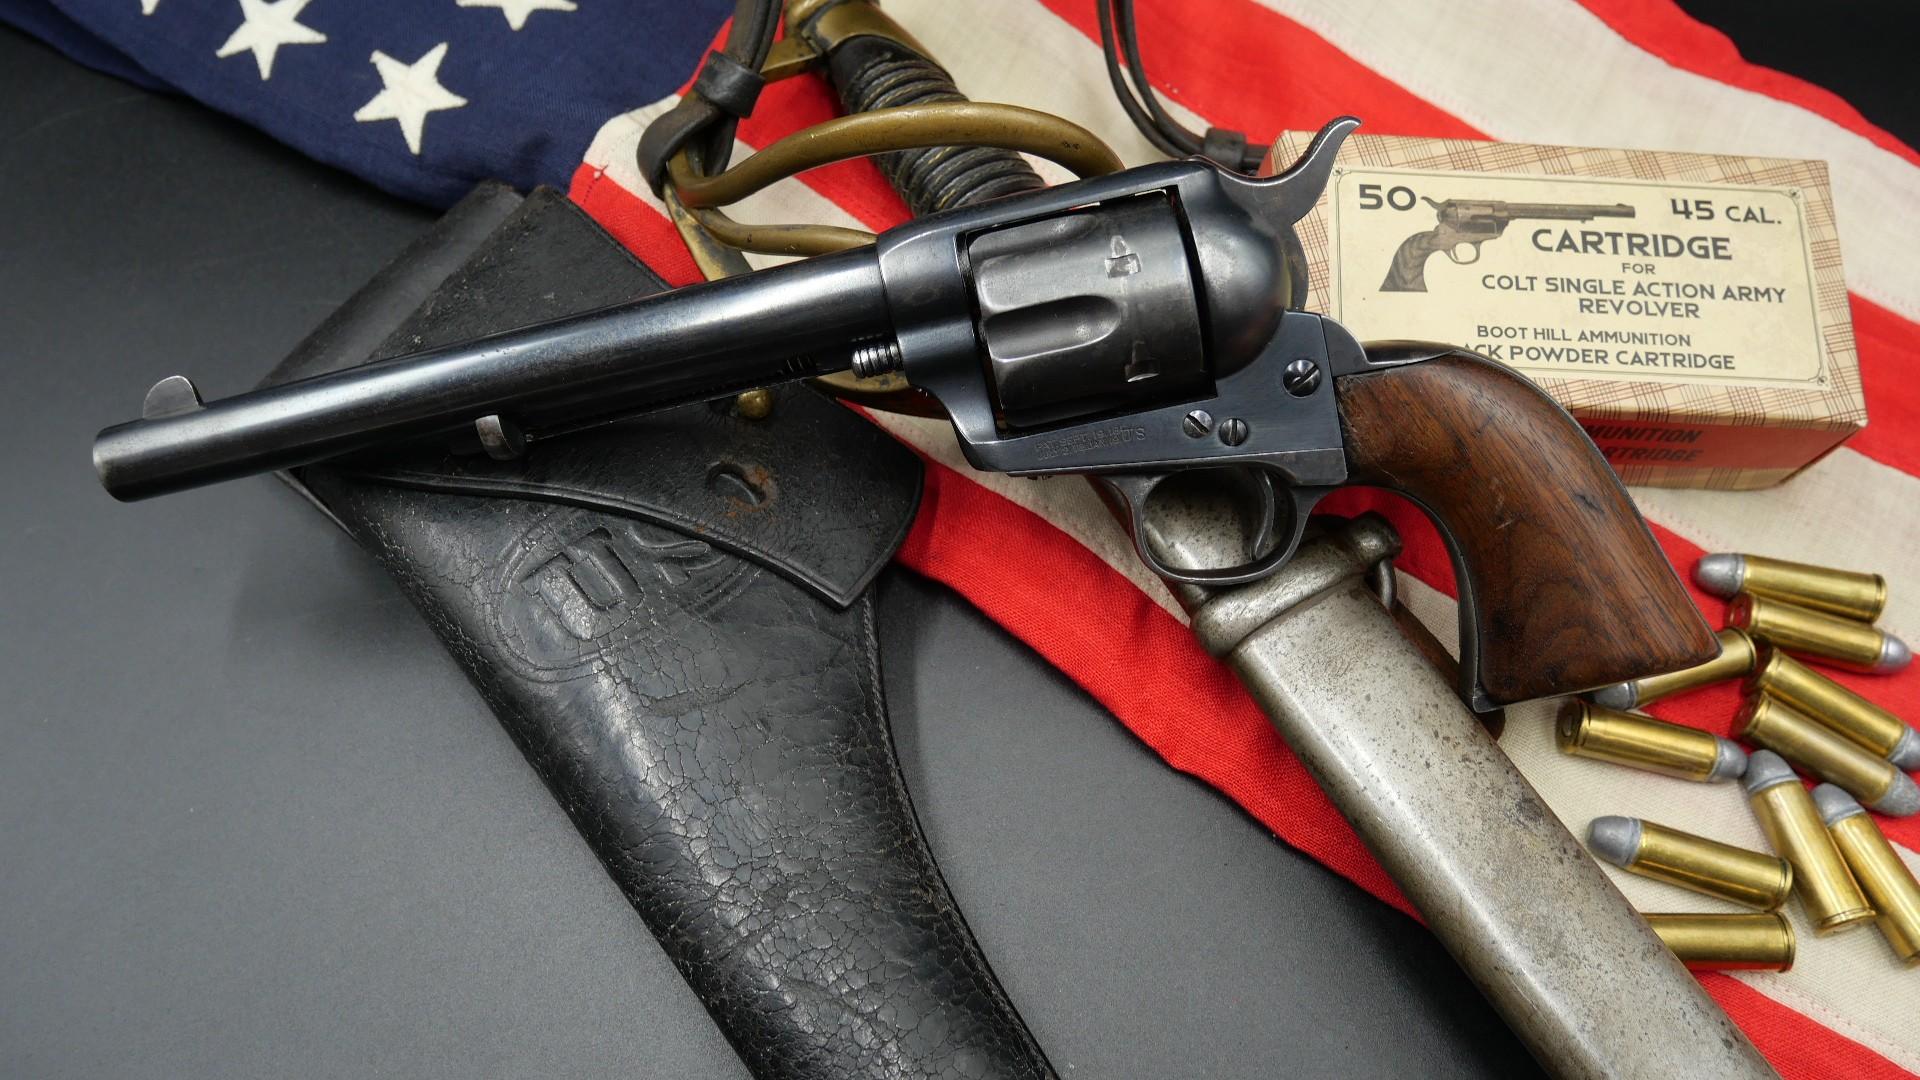 Colt US Cavalerie